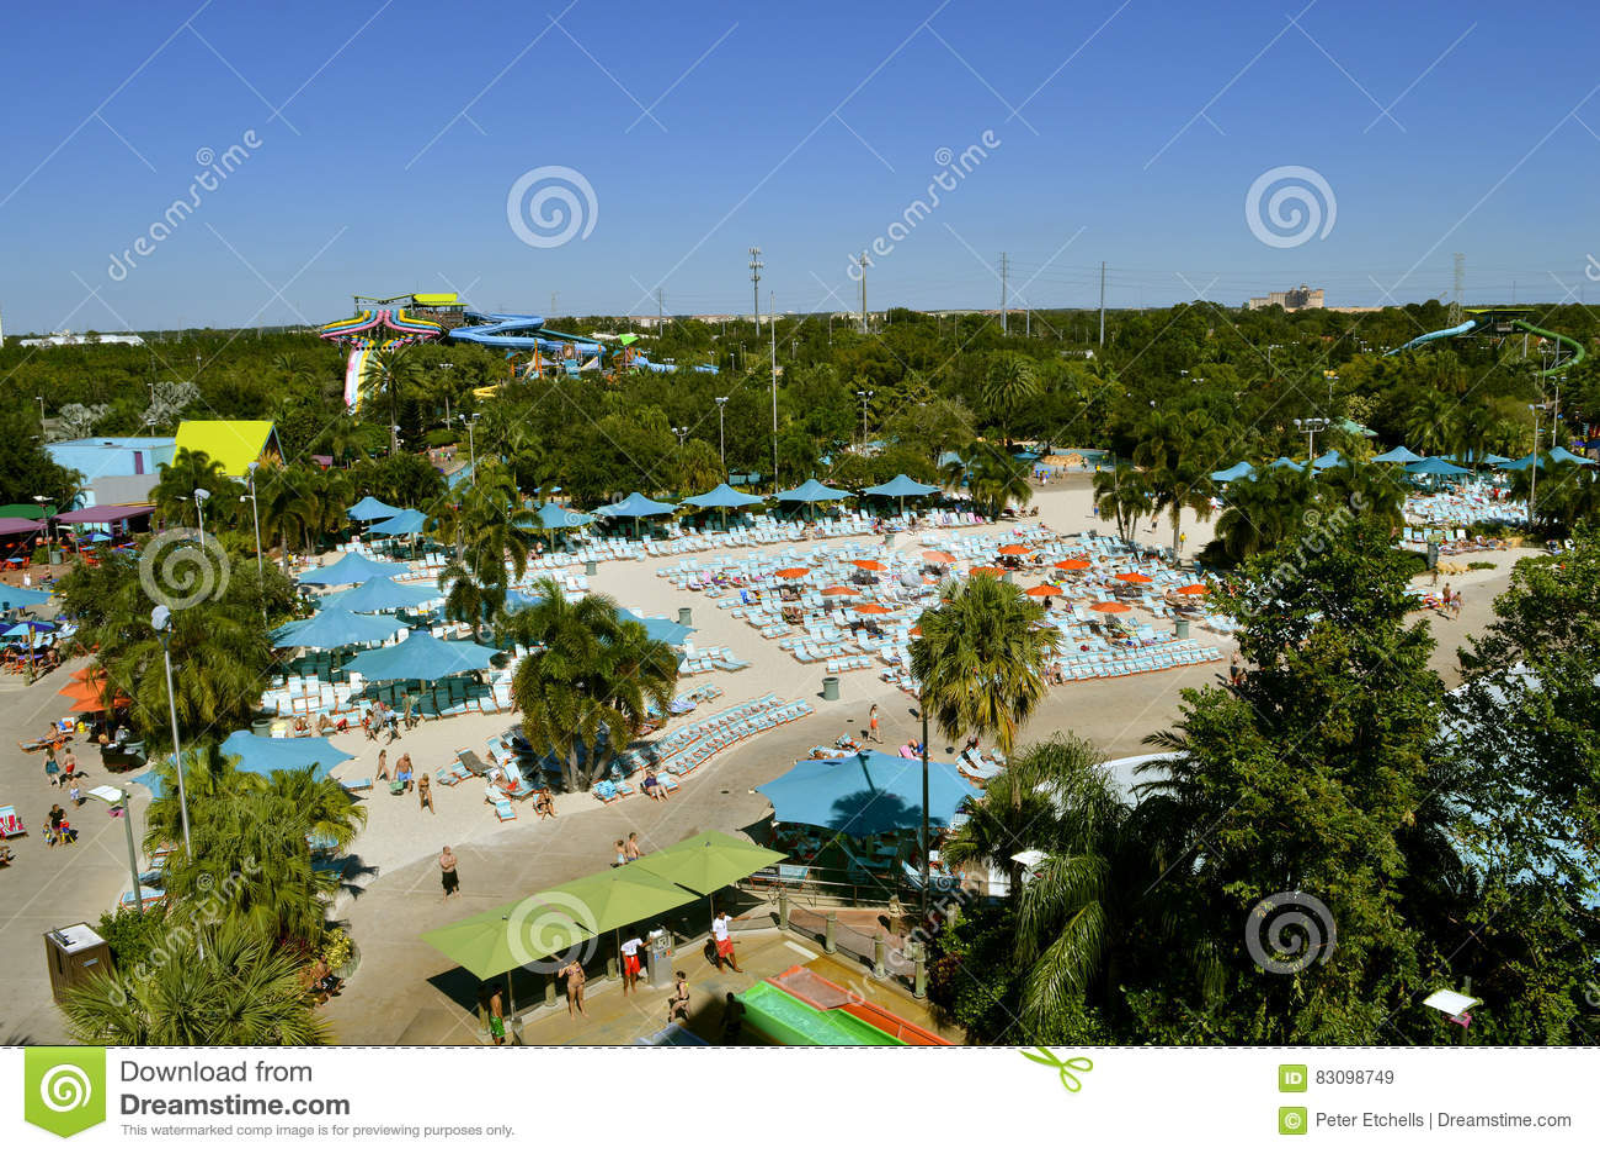 Parque temático de Aquatica en Orlando